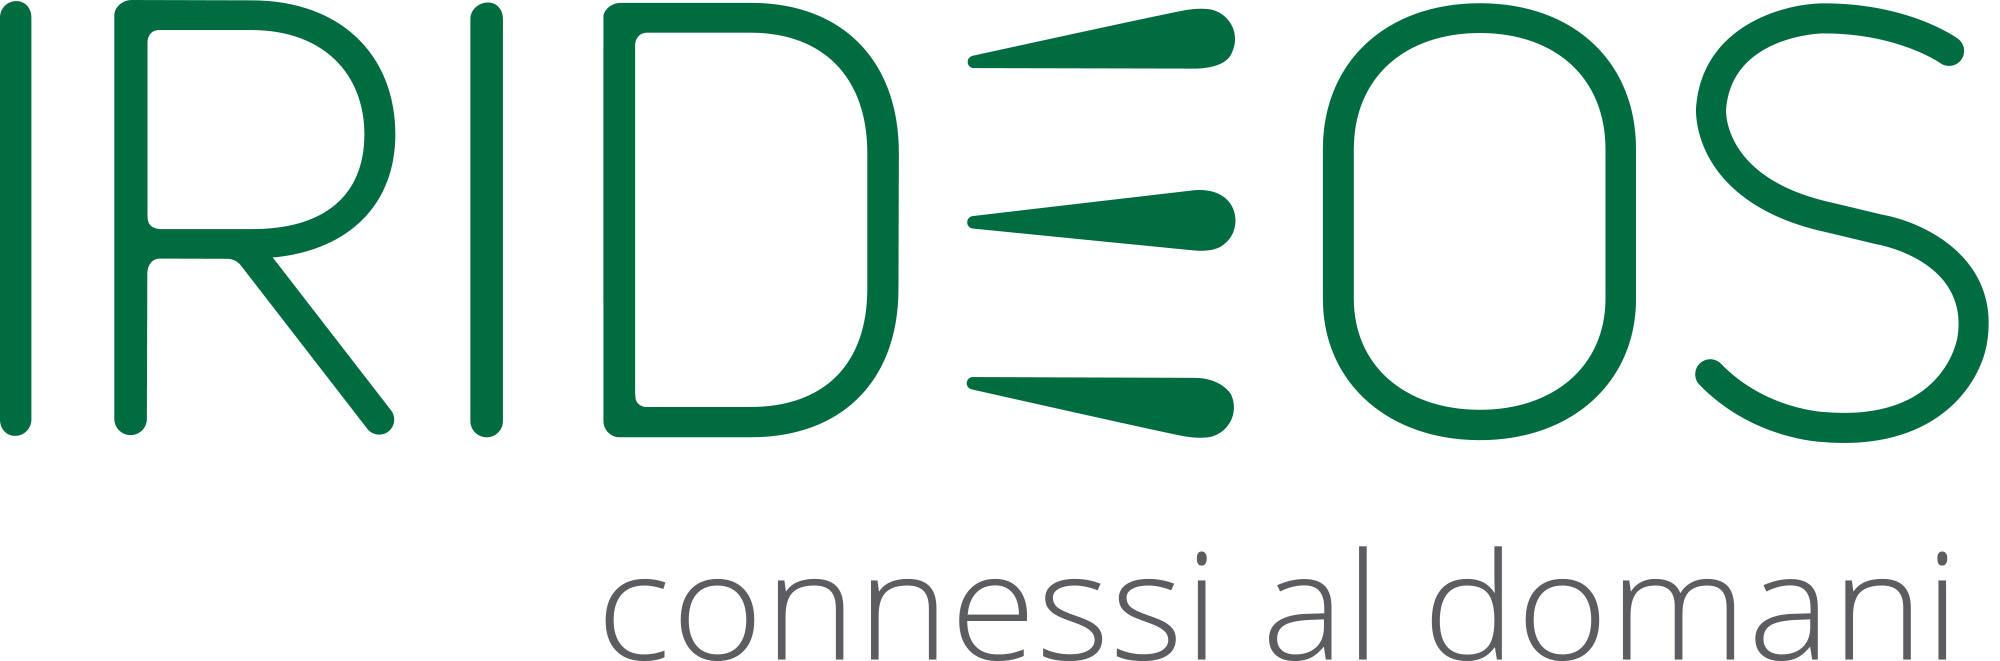 Telematica Torino è partner ufficiale di Irideos